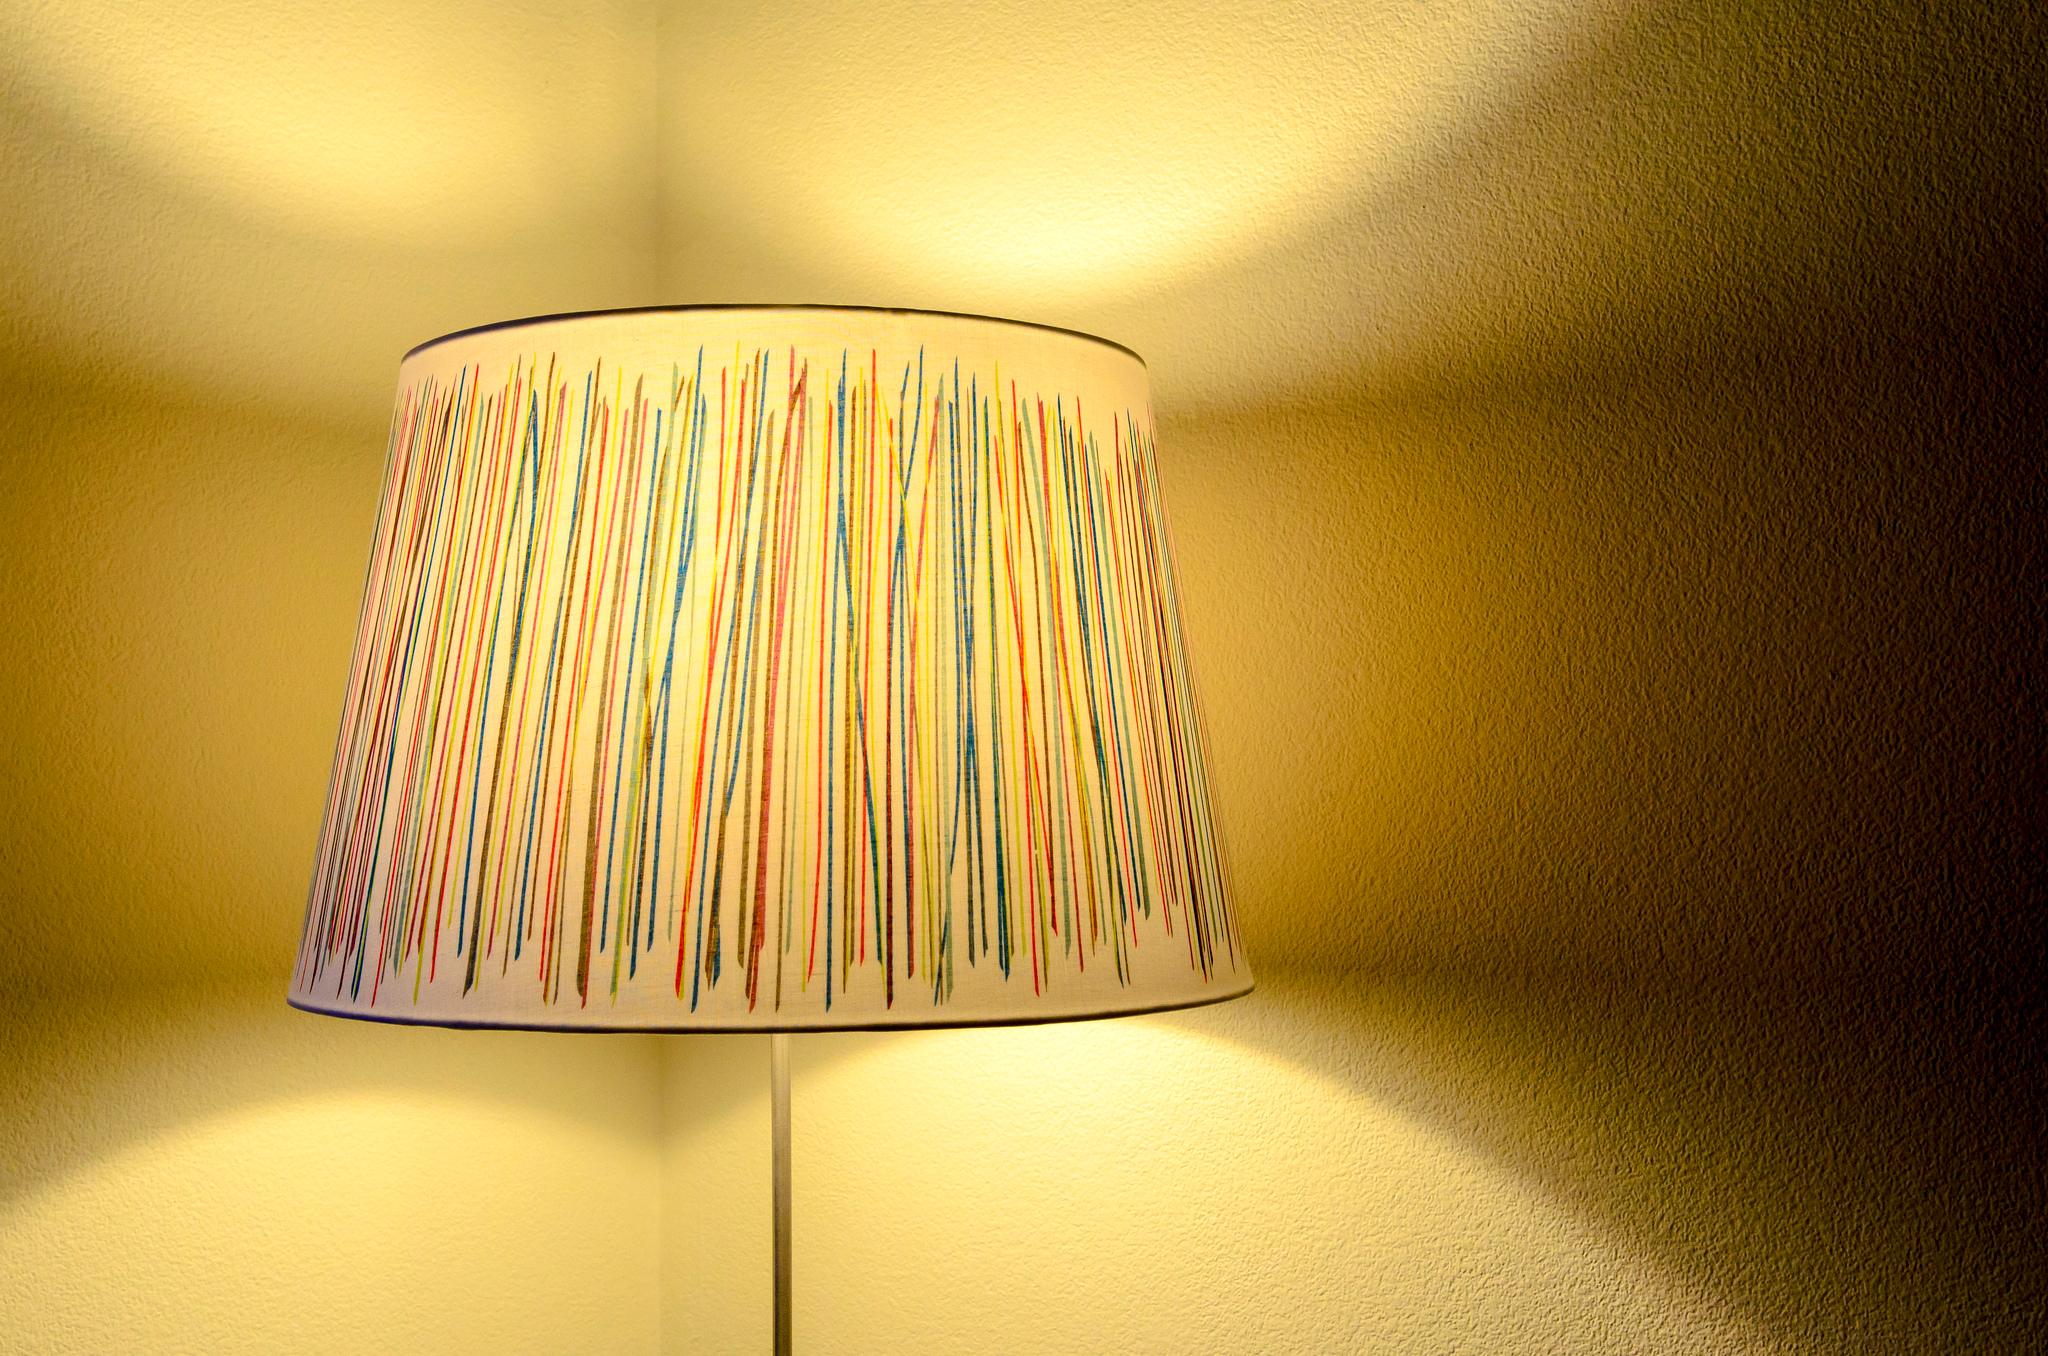 Как сделать абажур на светильник фото